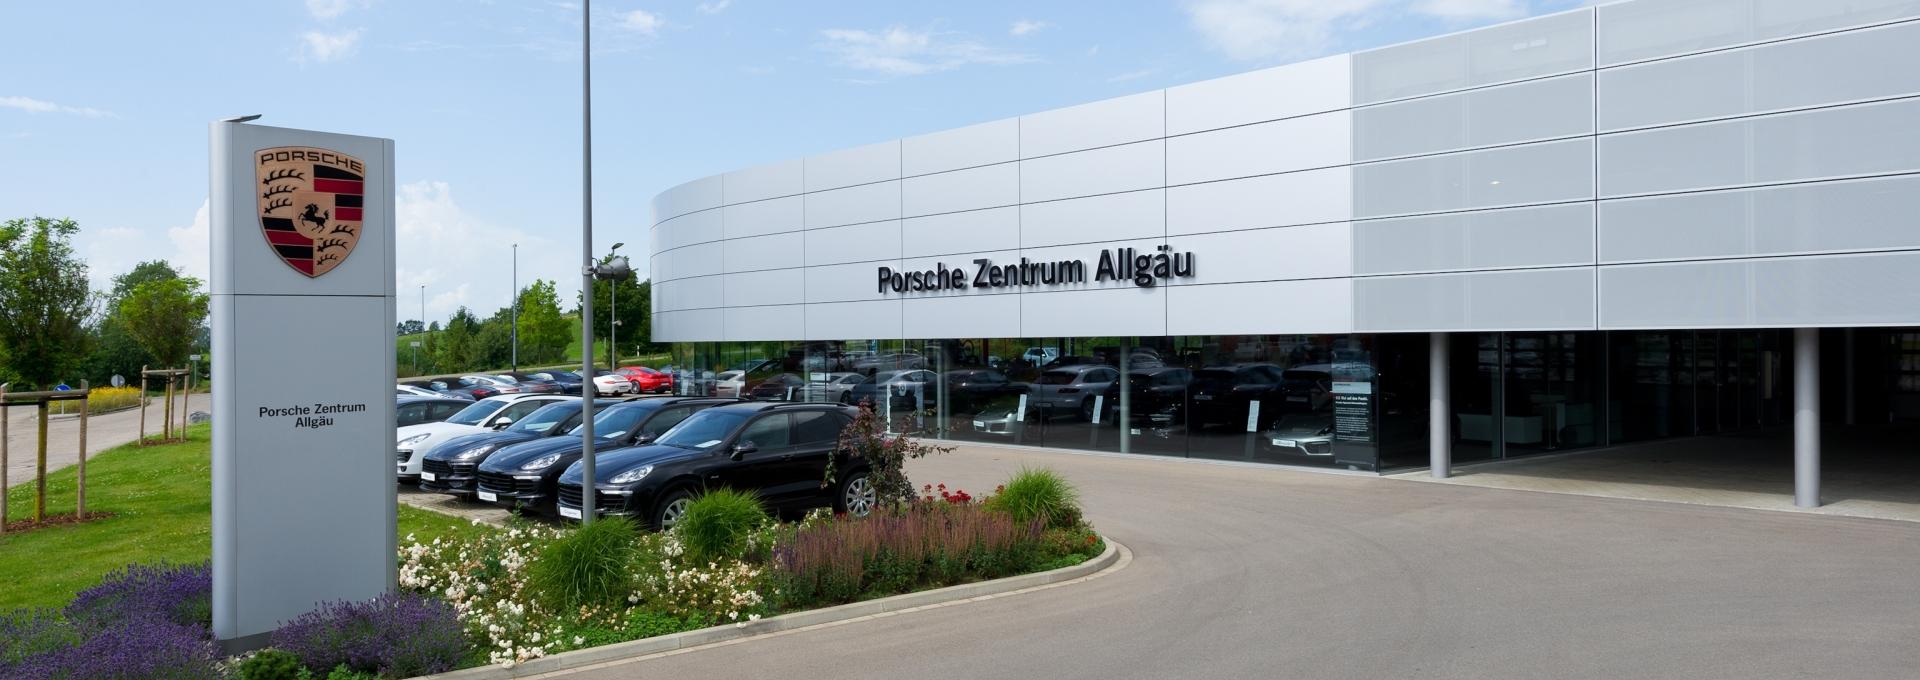 Bild Porsche Zentrum Allgäu